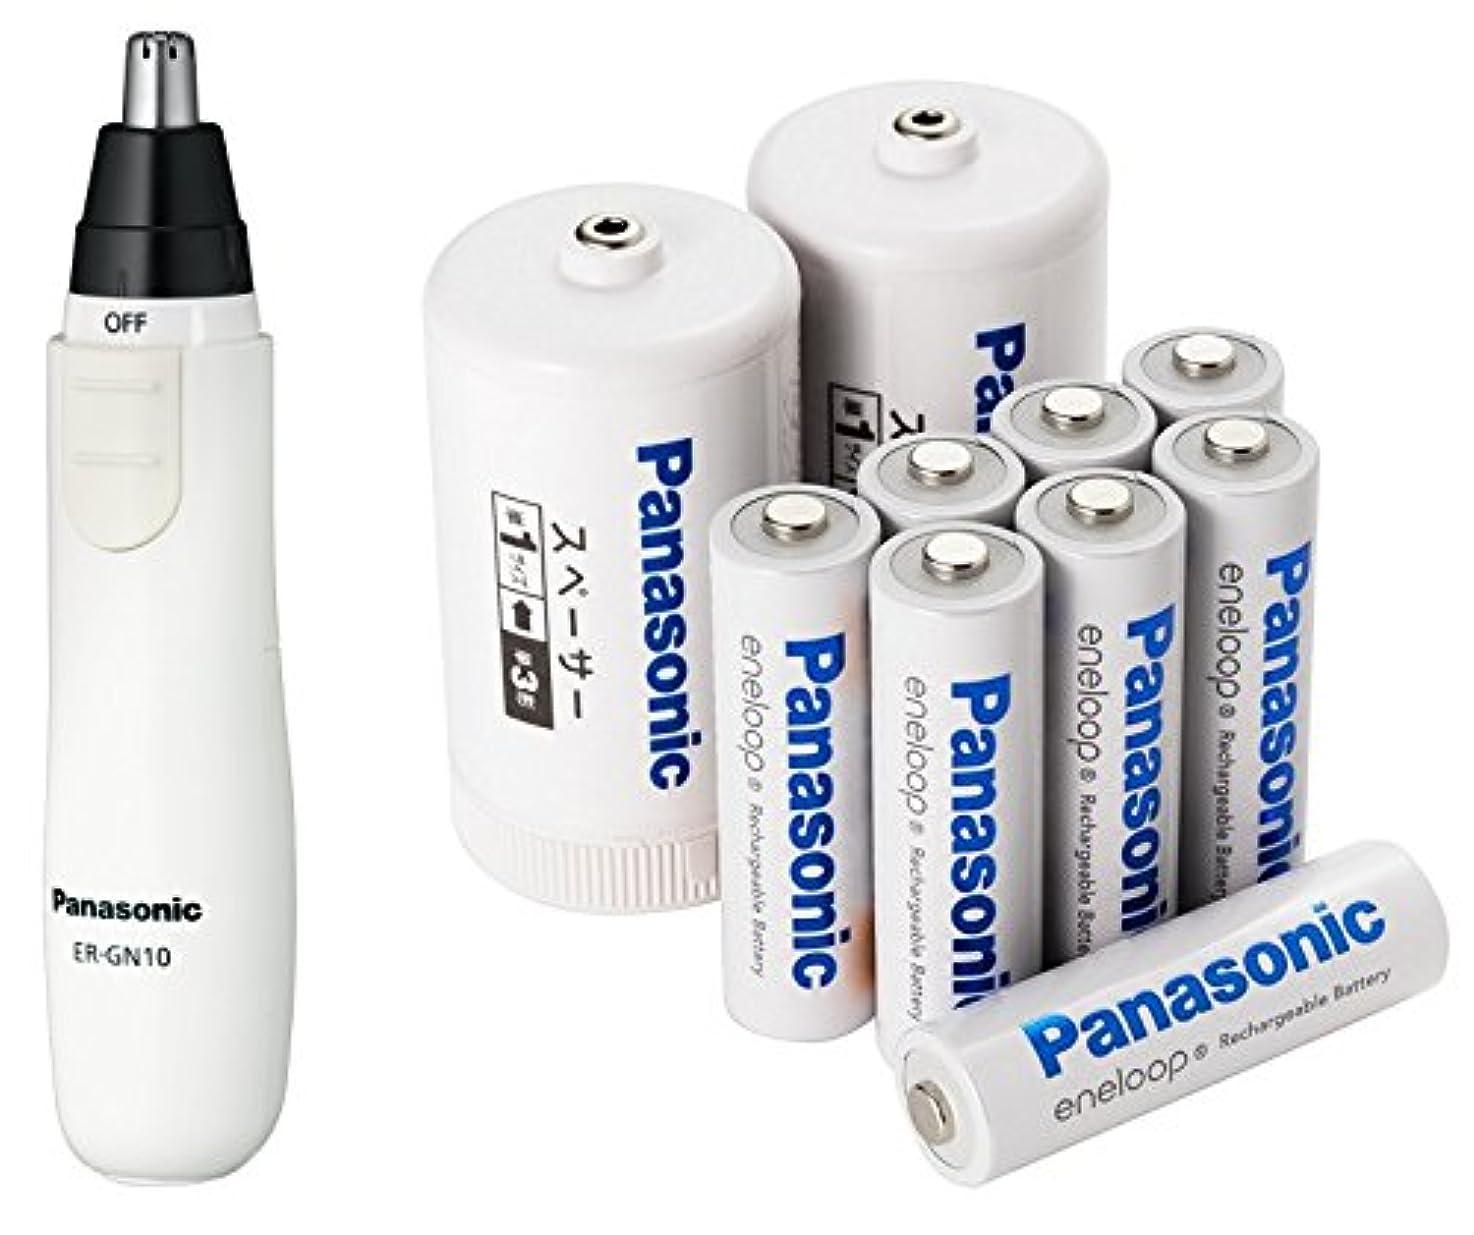 ワイヤー先夫パナソニック エチケットカッター 白 ER-GN10-W + eneloop 単3形充電池 8本パック BK-3MCC/8FA セット